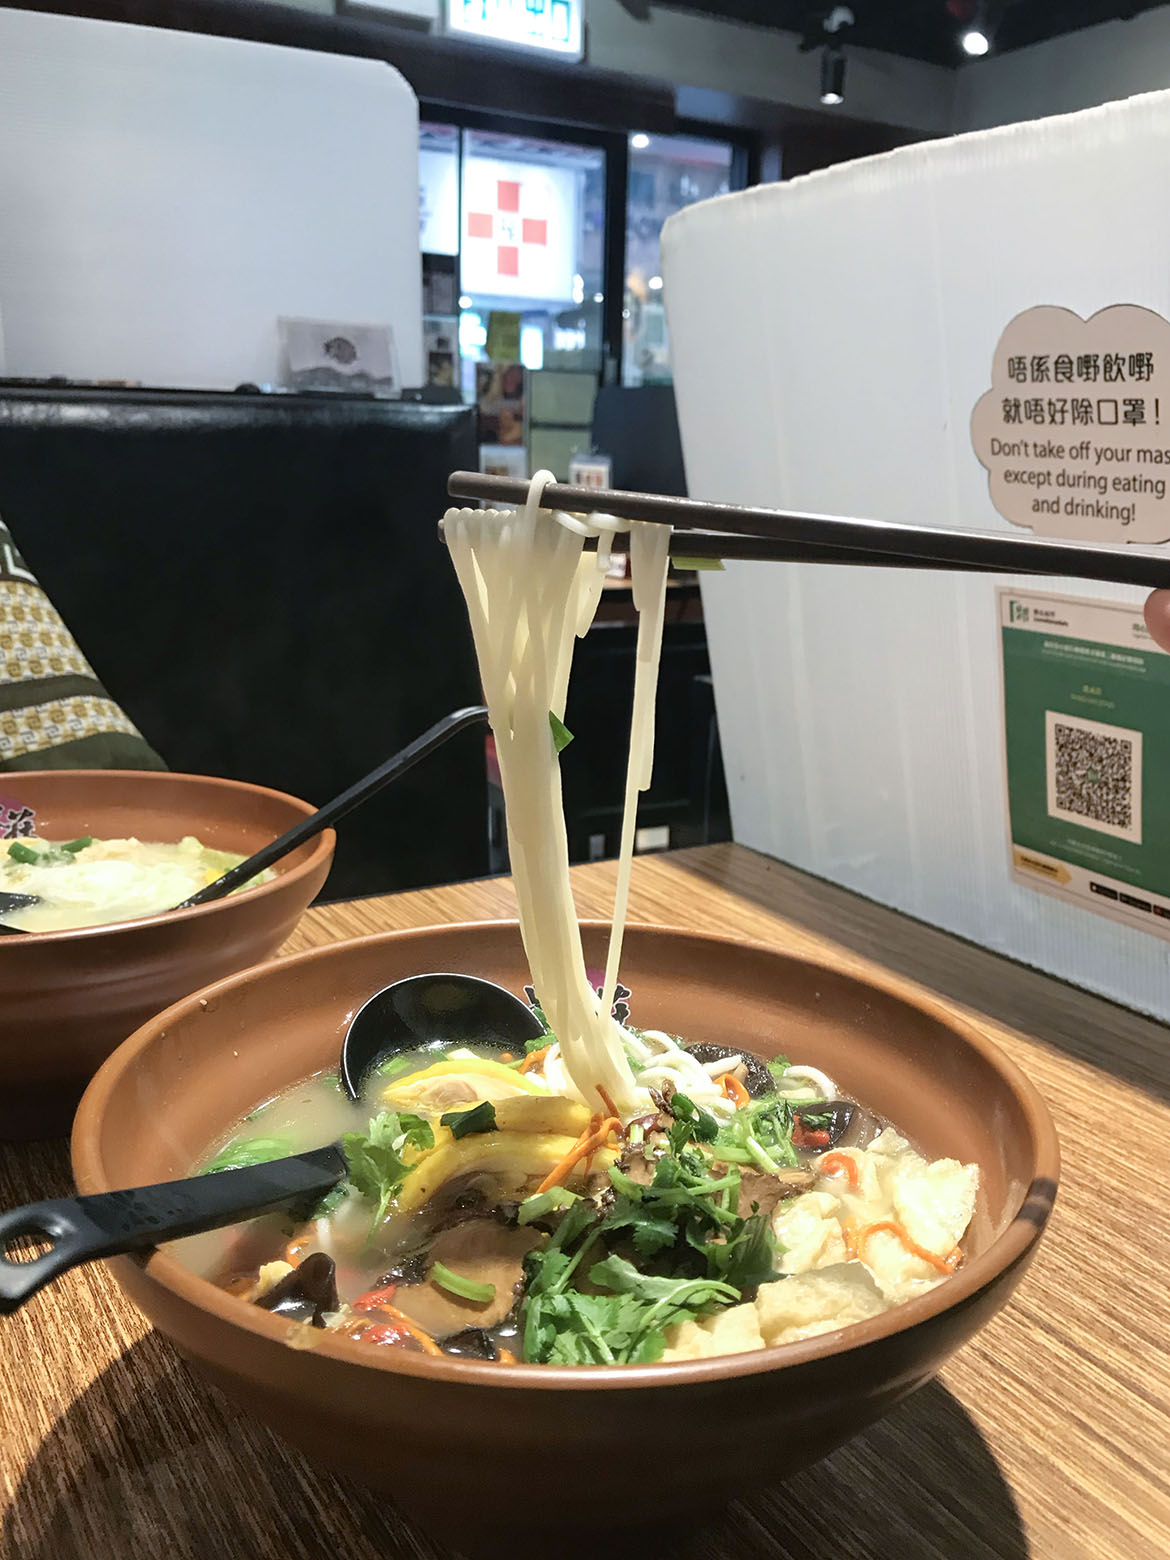 農米莊 NMC Noodles